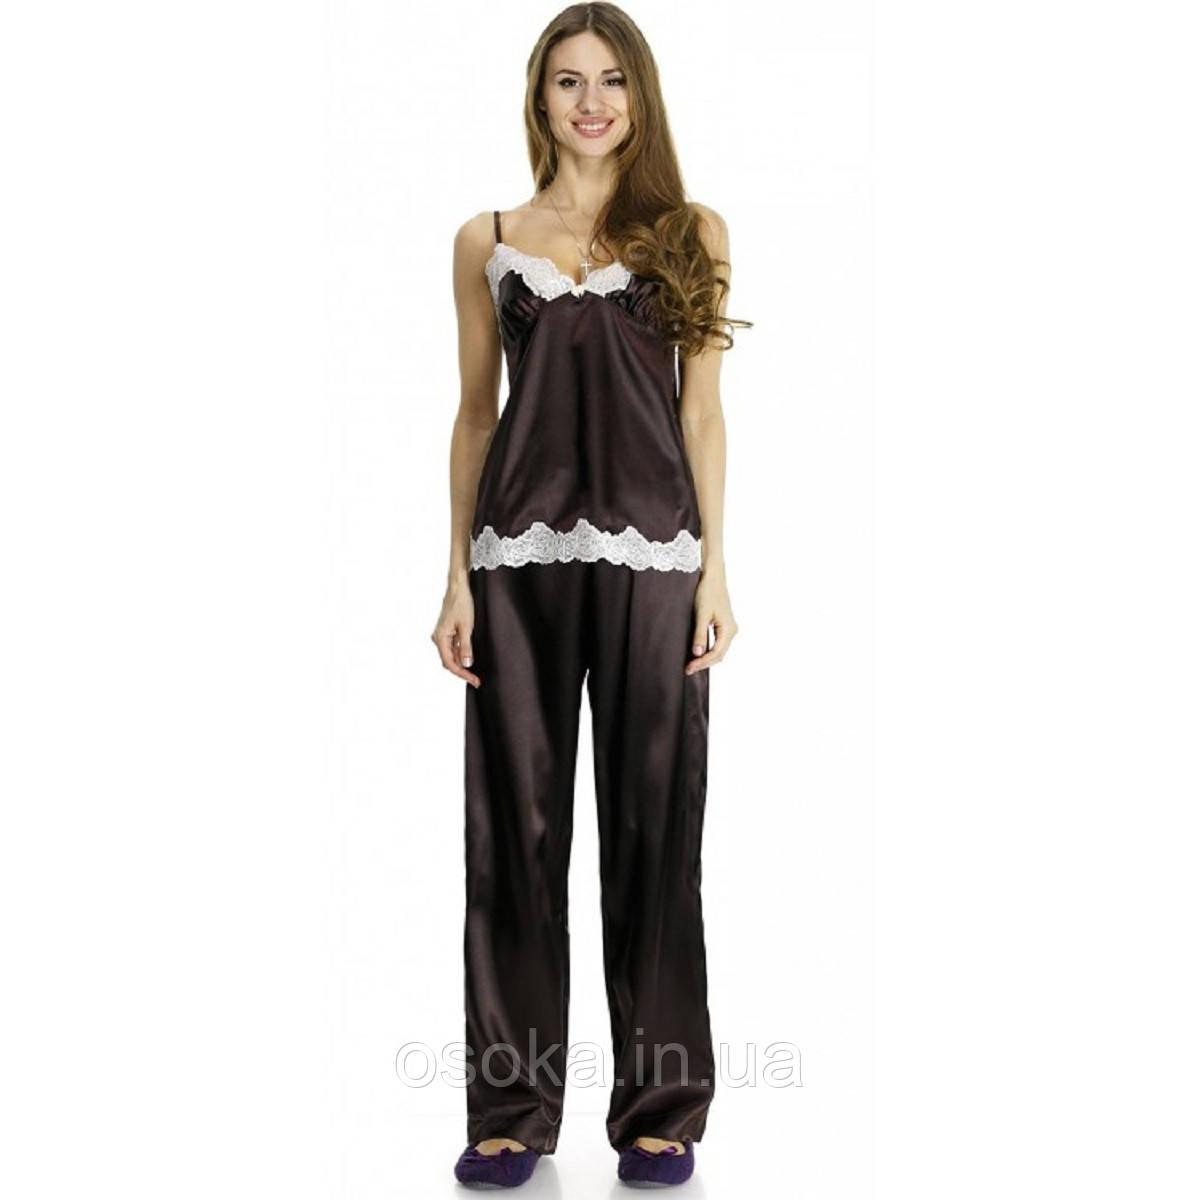 Шовкова піжама Serenade 443 з брюками Шоколадний-екрю